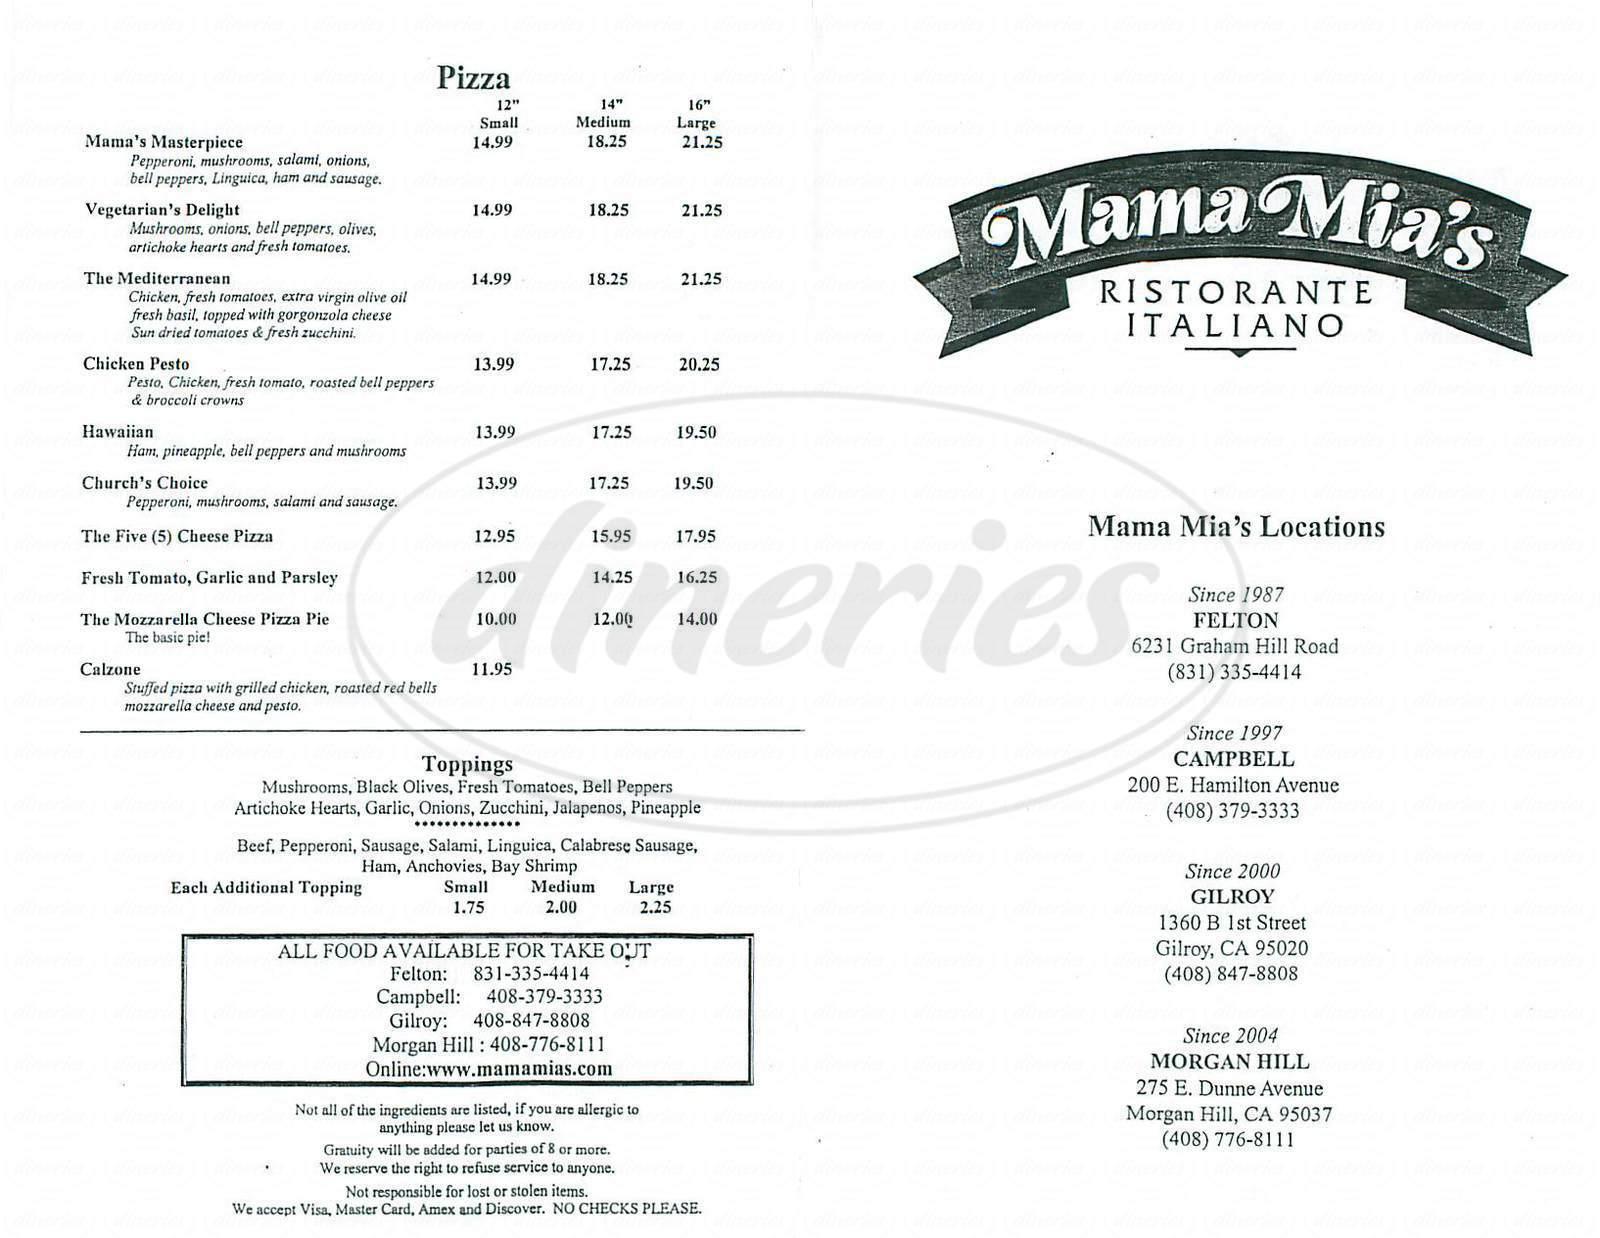 menu for Mama Mia's Ristorante